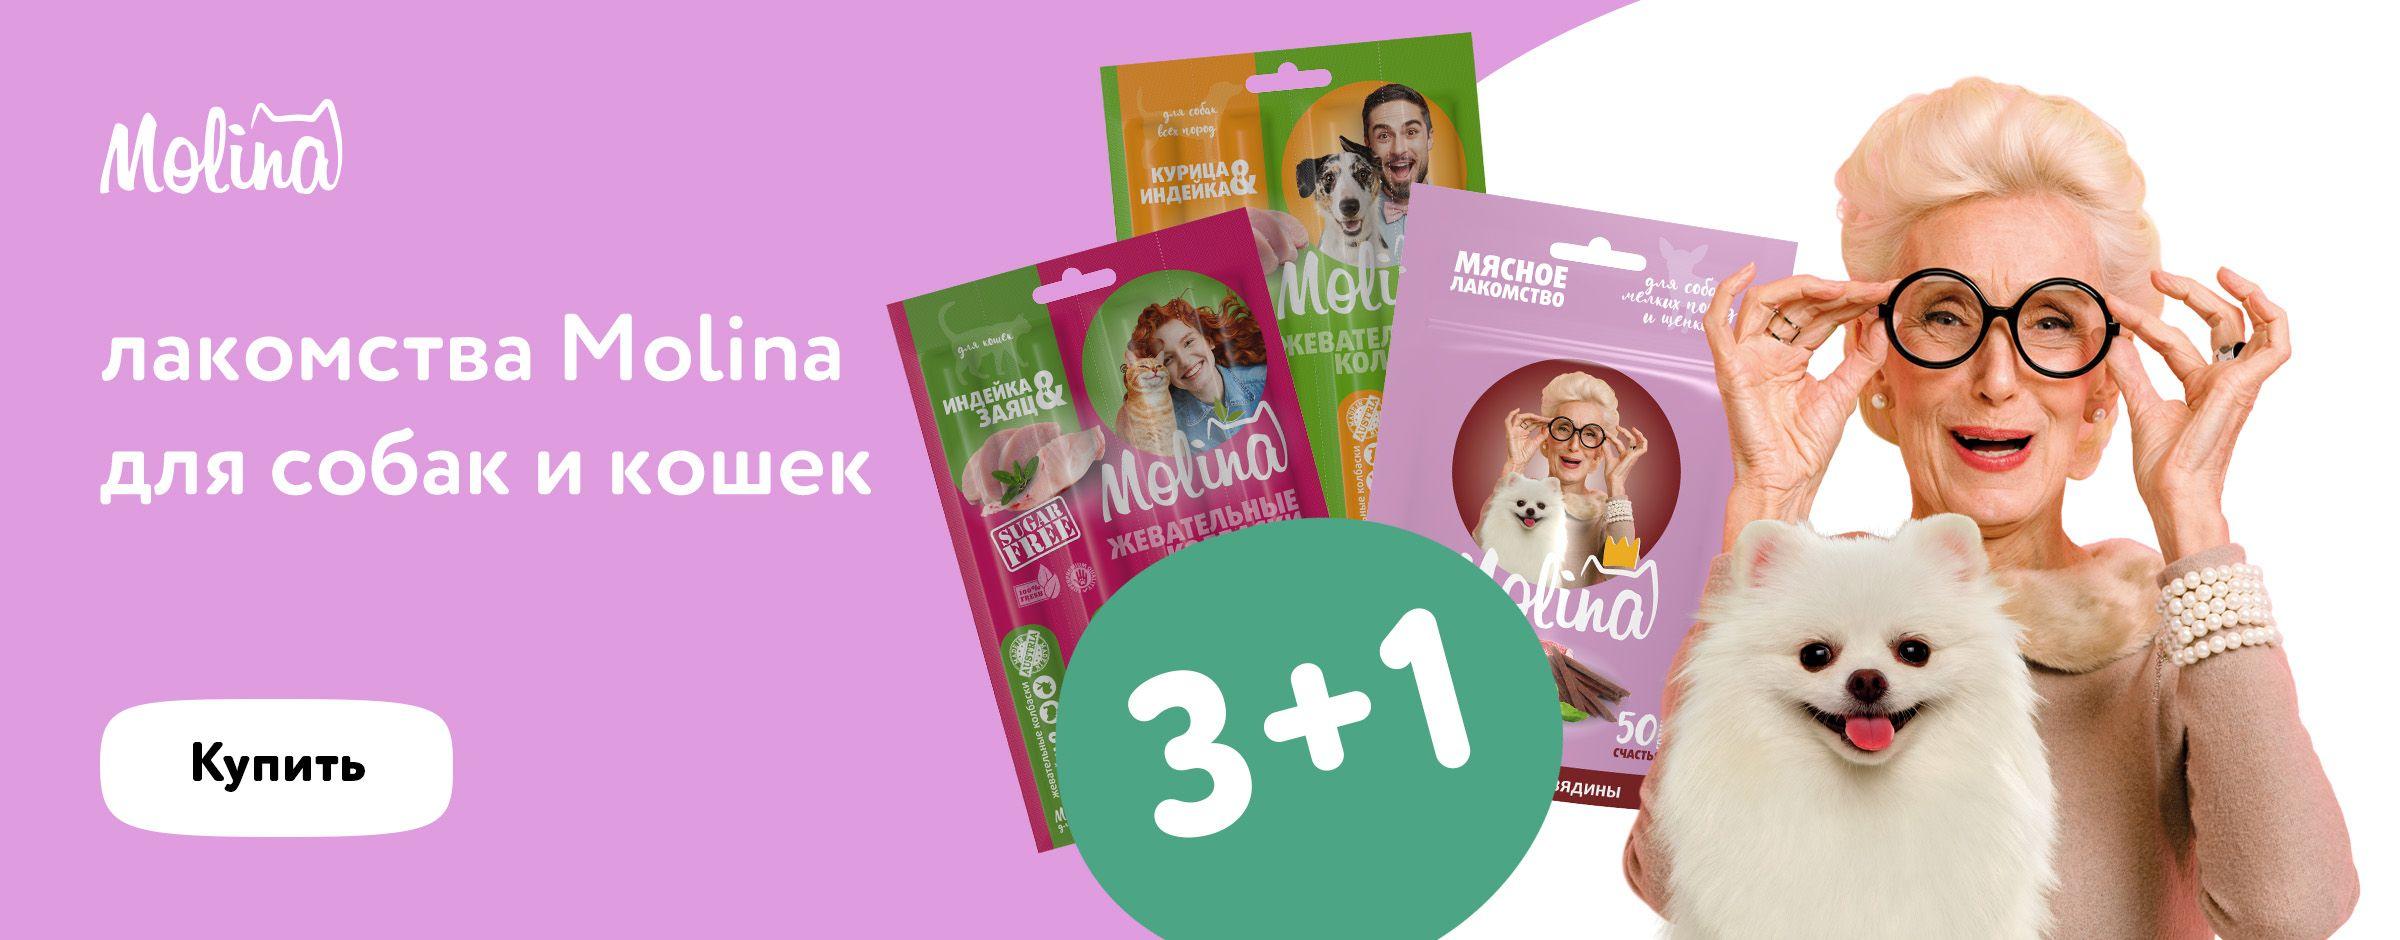 Molina 3+1